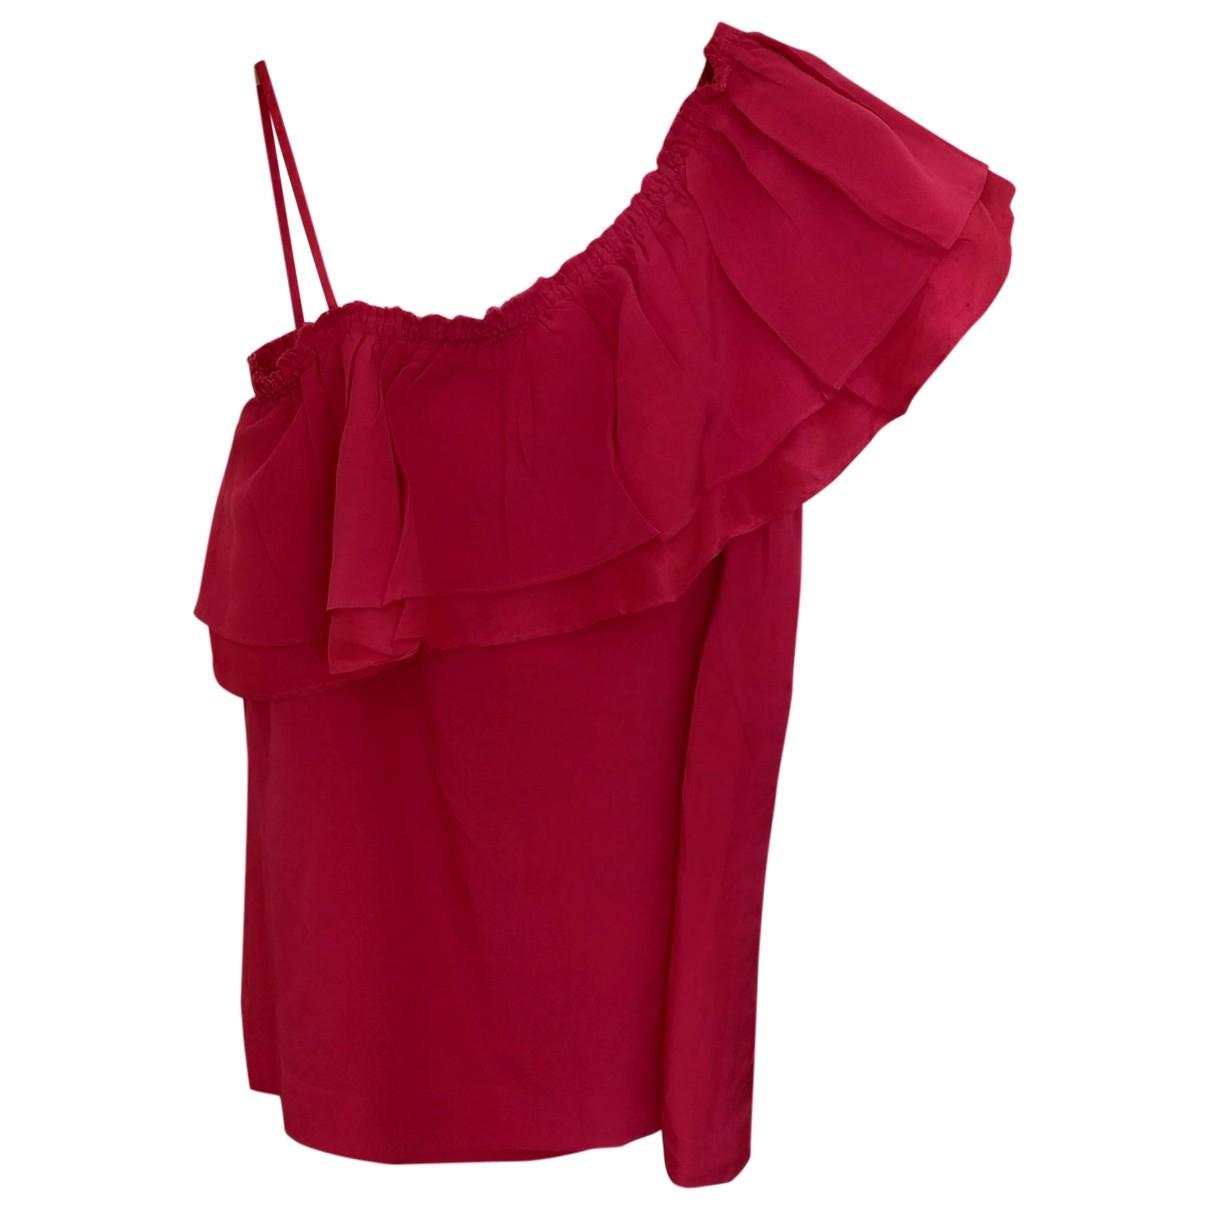 Gat Rimon - Top   pour femme en soie - rose